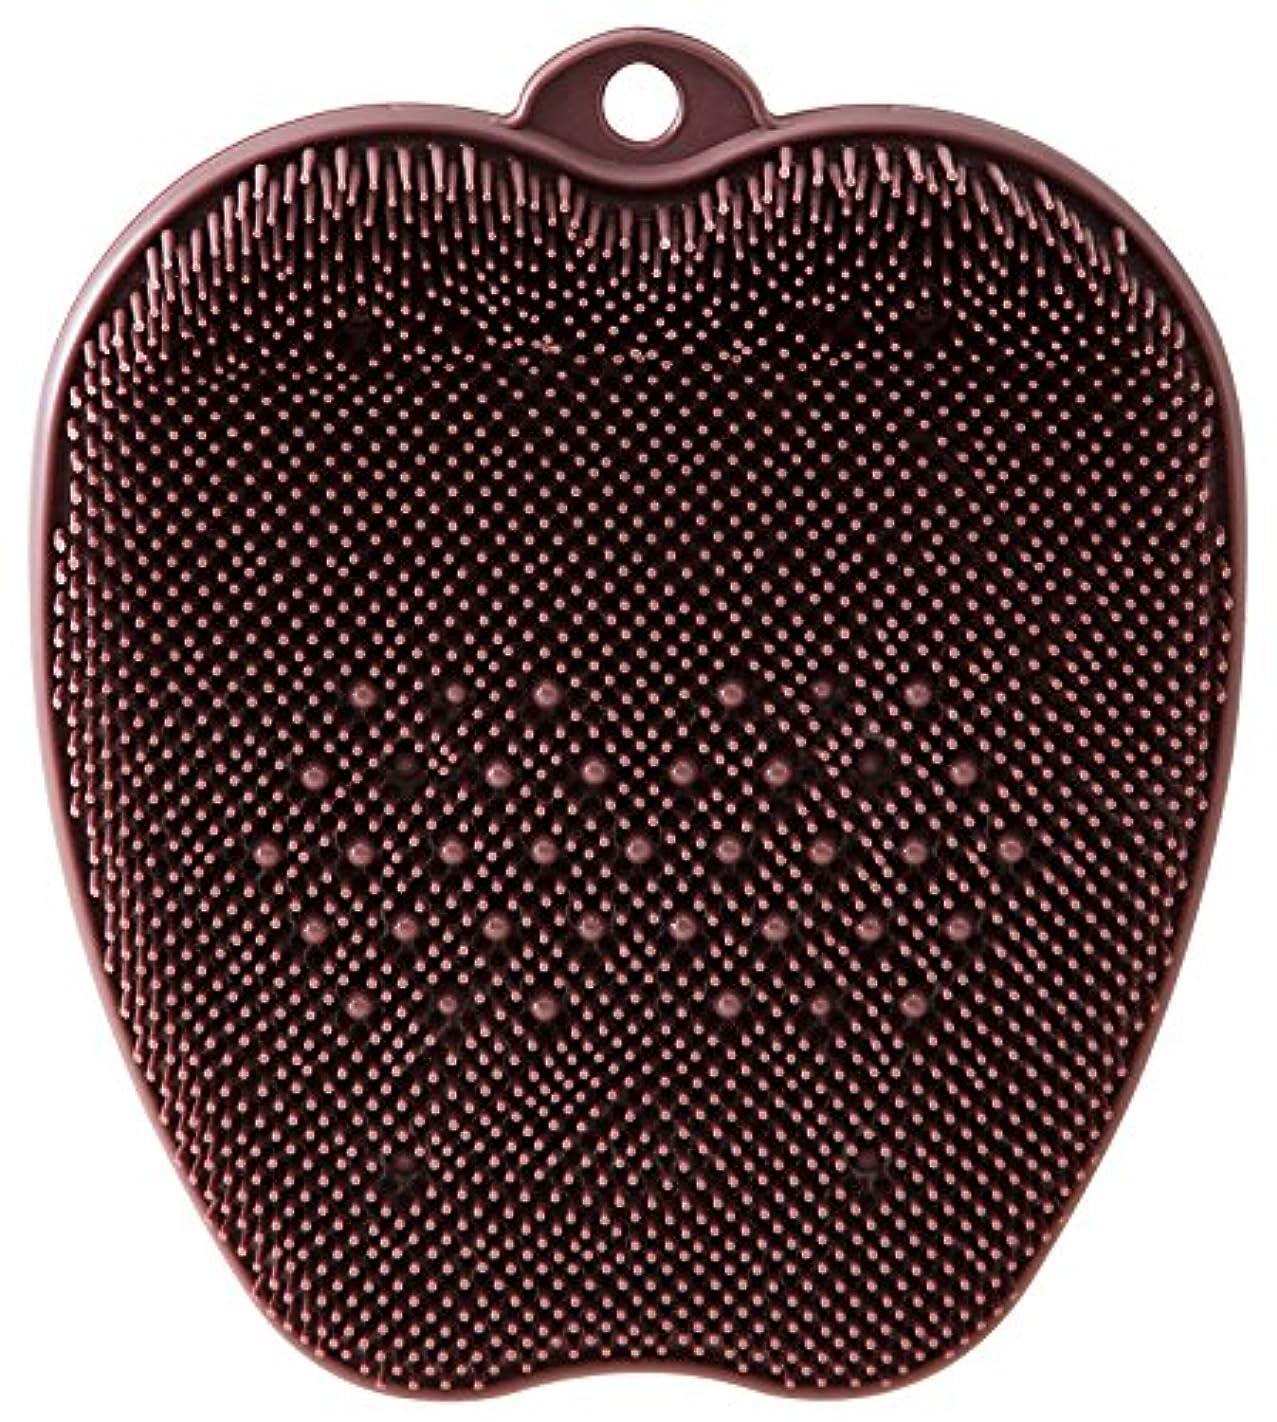 ルーチン振動する抑制tone フットブラシ ブラウン TR-15